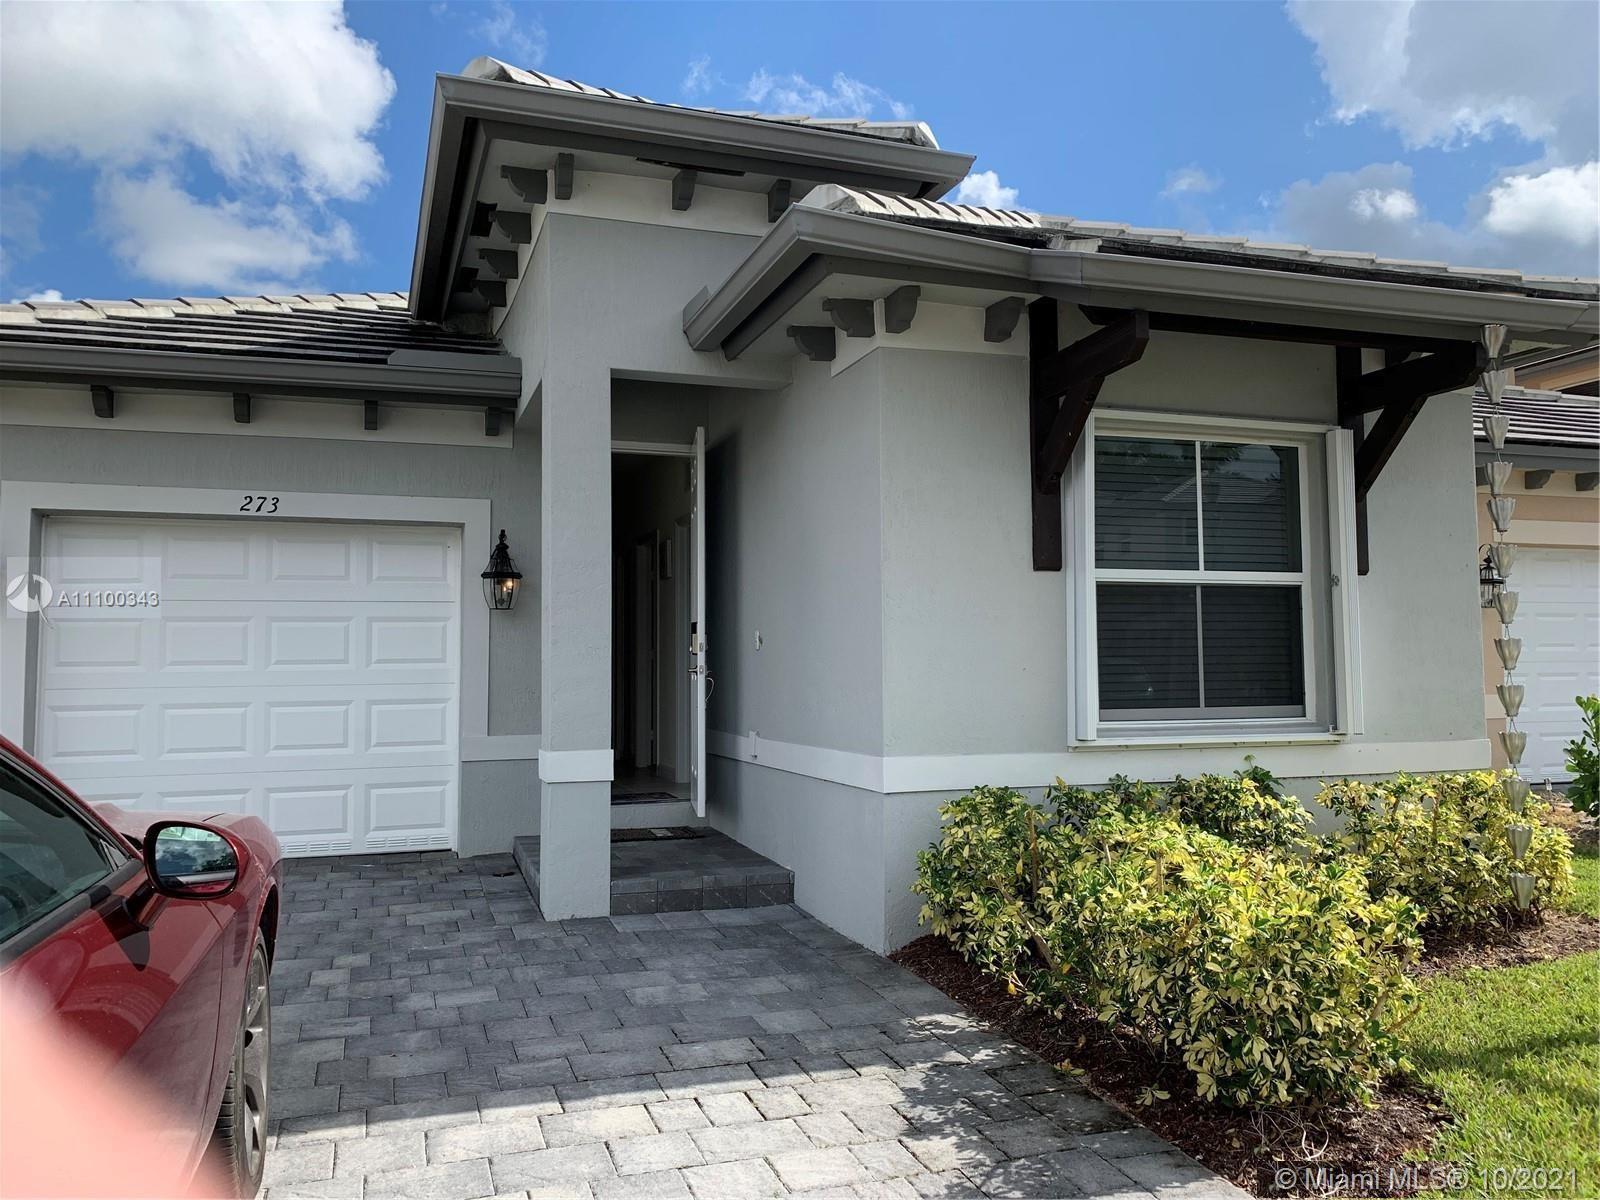 273 Se 31st Ave Property Photo 1